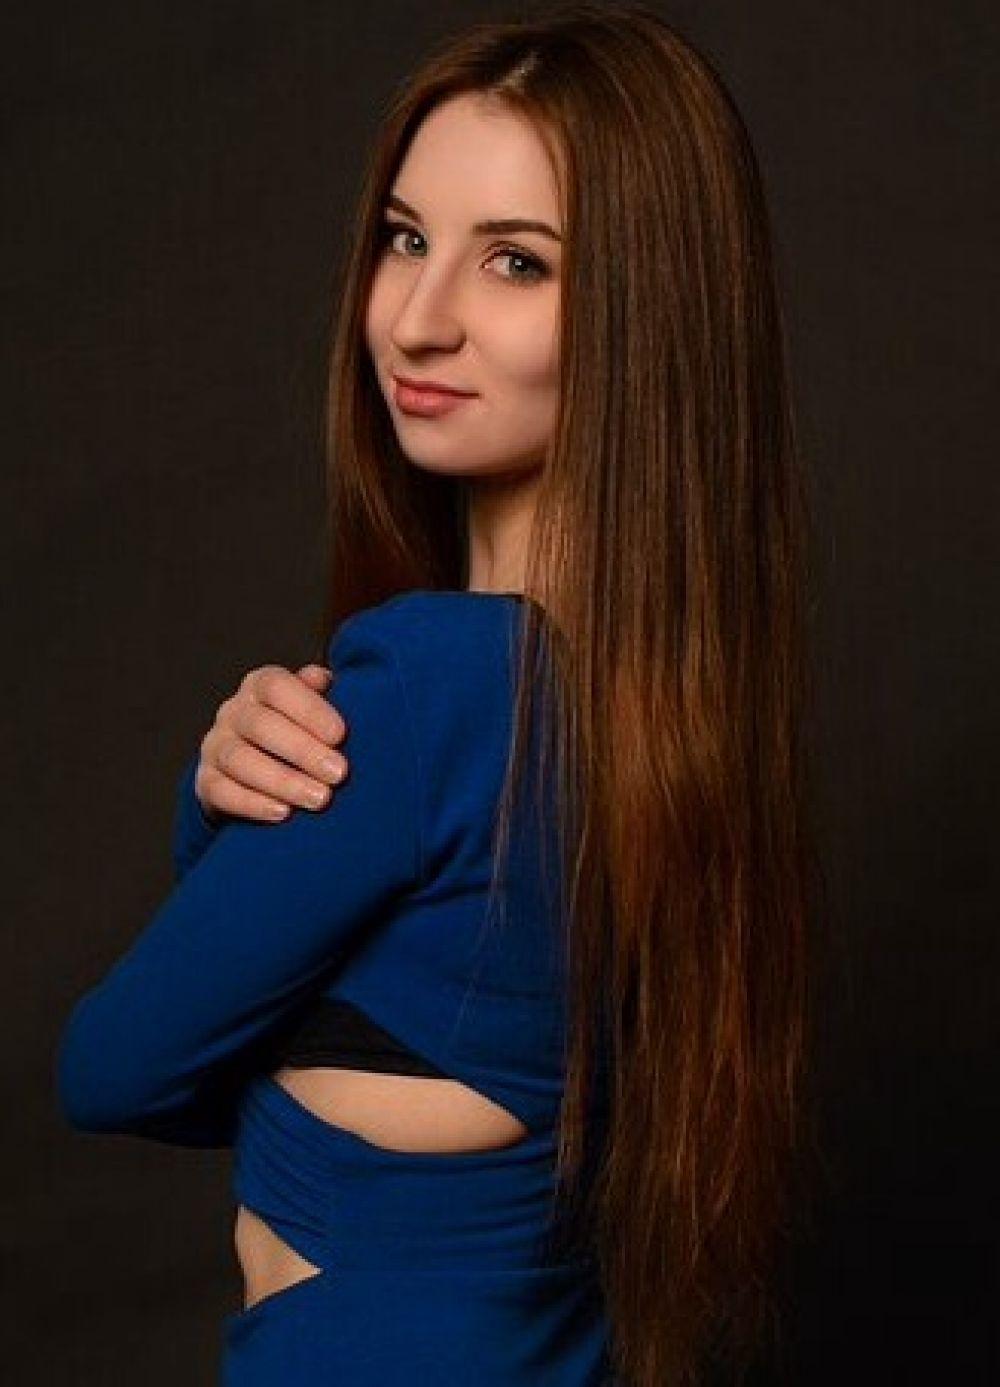 Королева Евгения, Кировская городская больница №6, 21 год